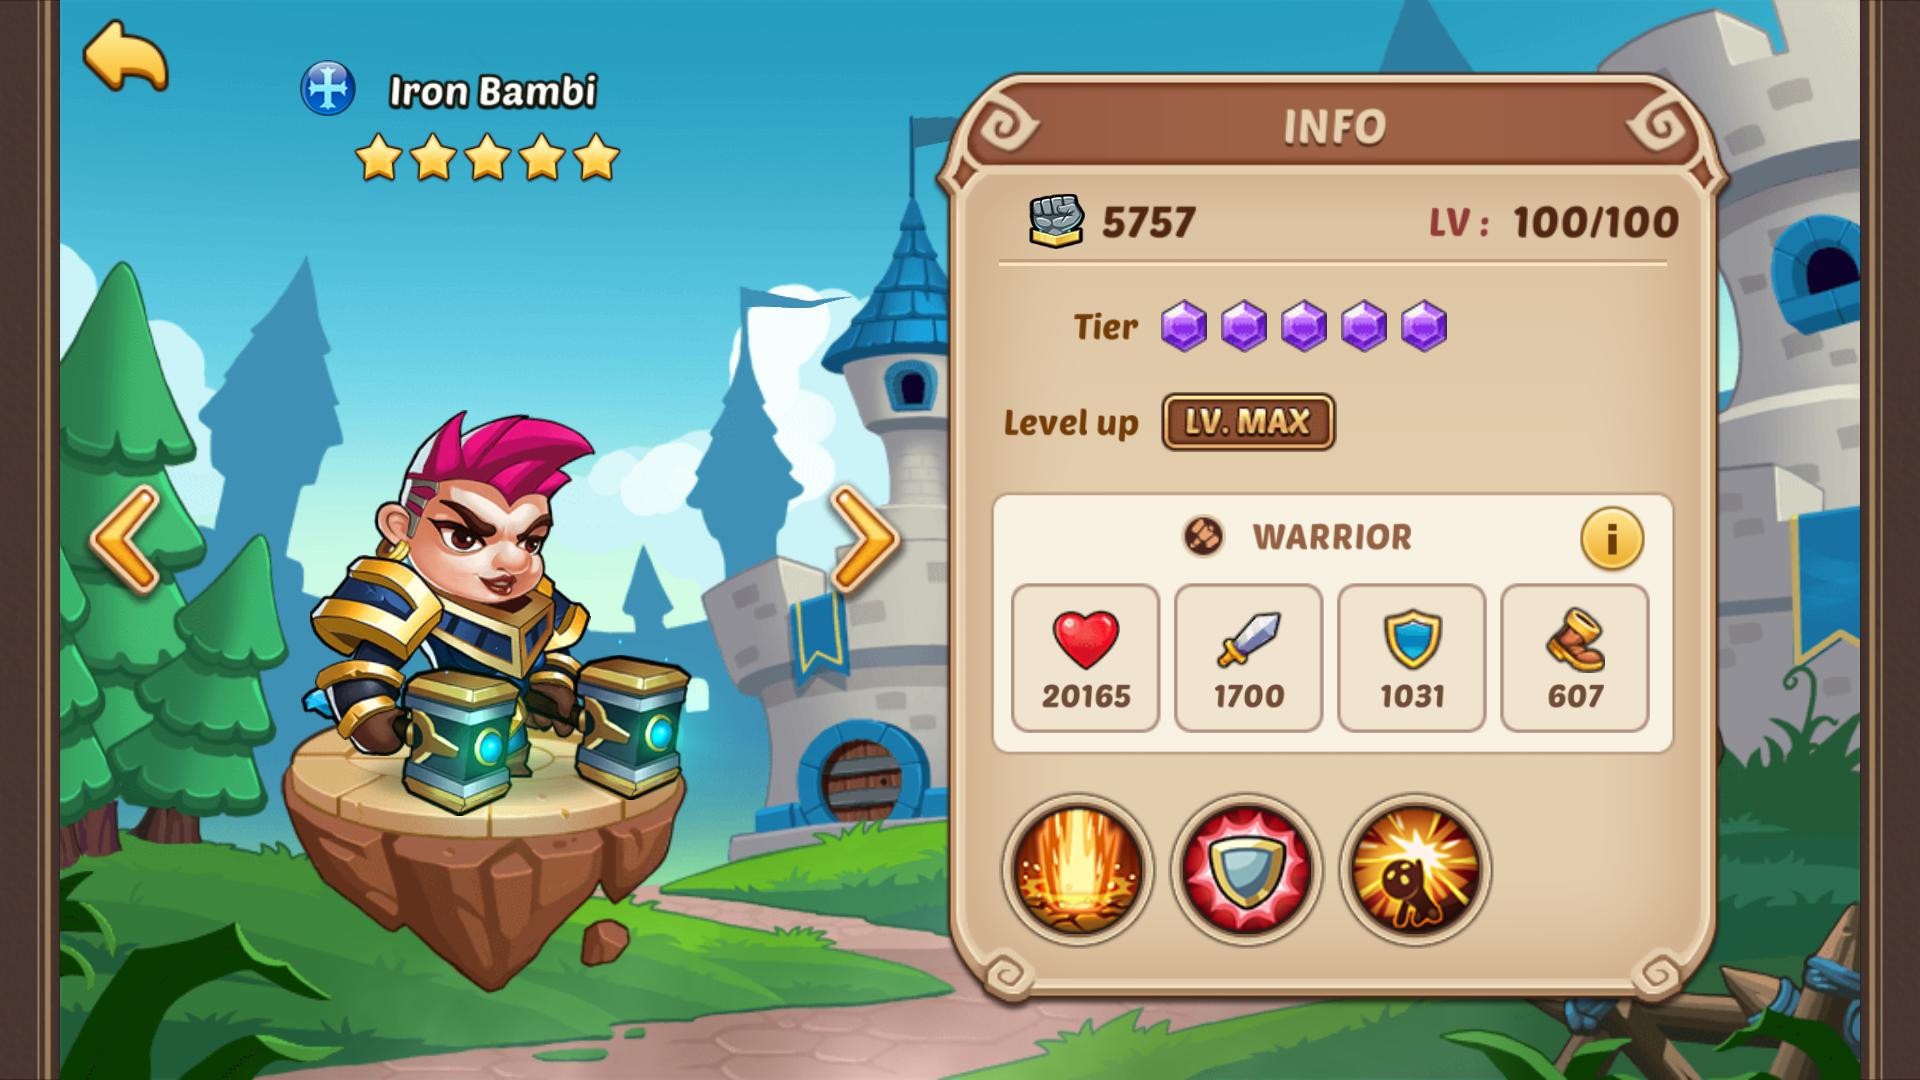 Iron Bambi